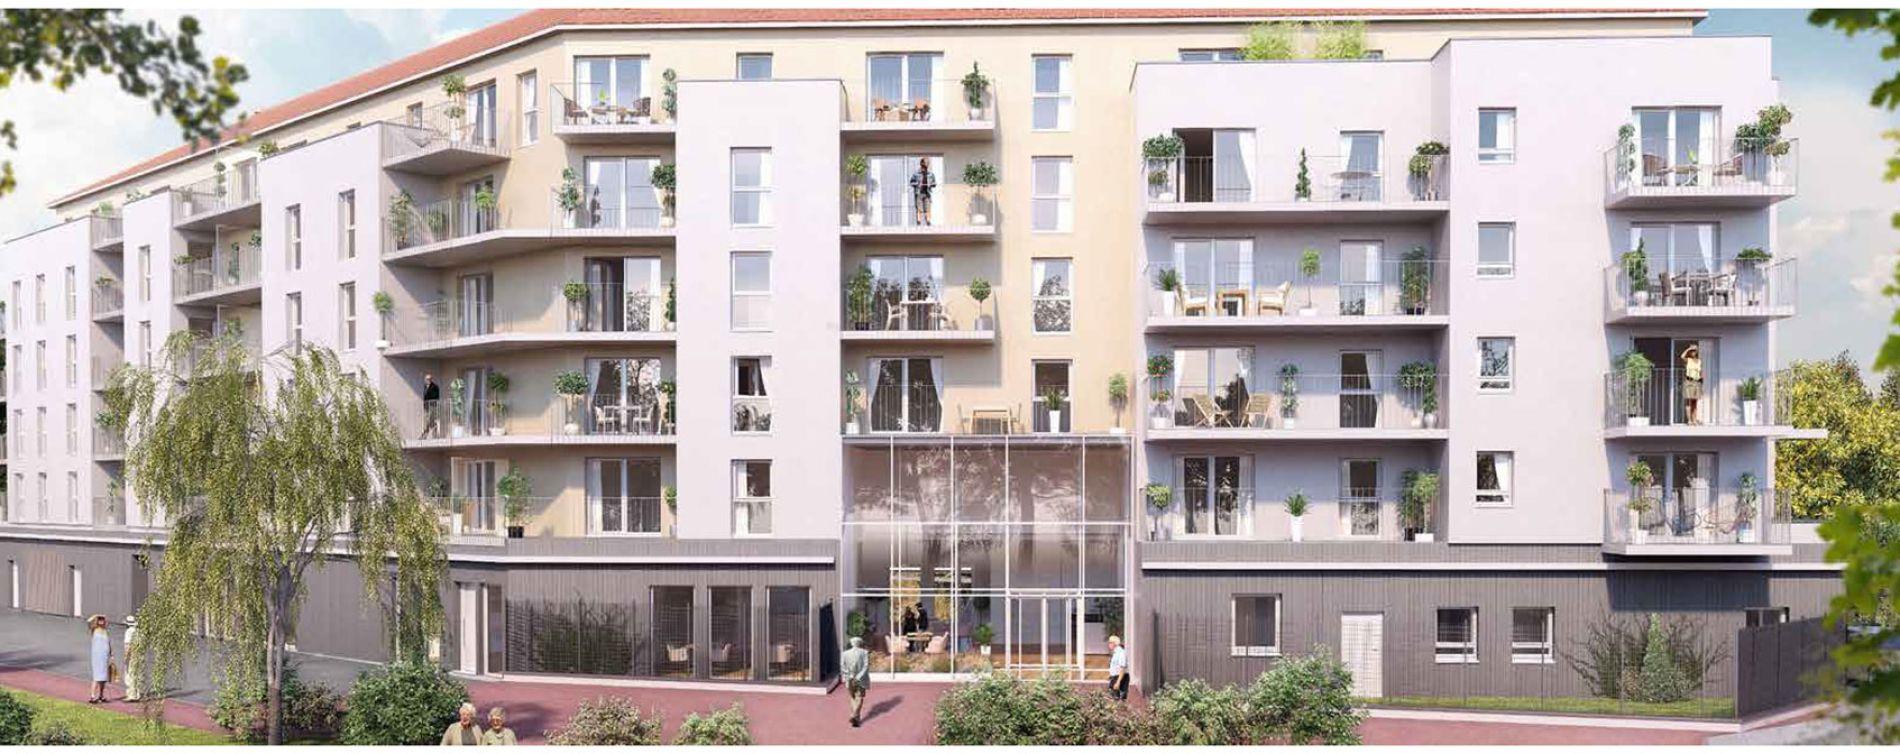 Résidence Les Séquanes à Chalon-sur-Saône